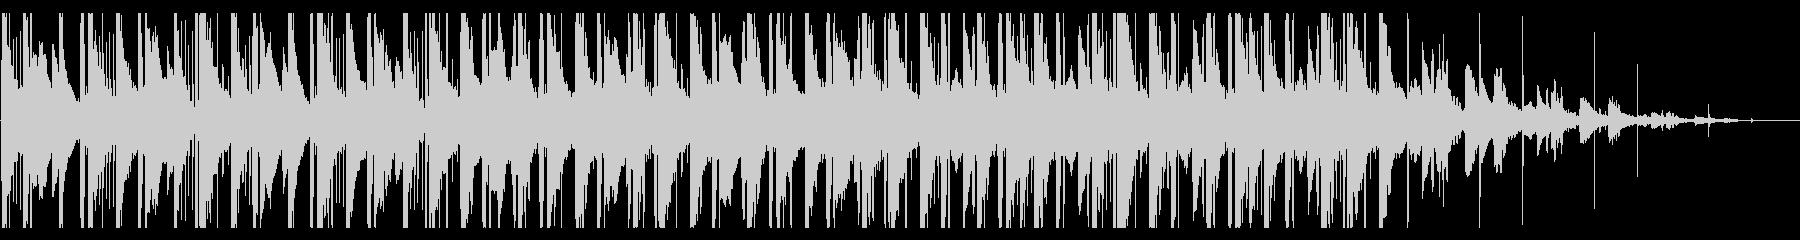 不気味/Hiphop_No411_3の未再生の波形